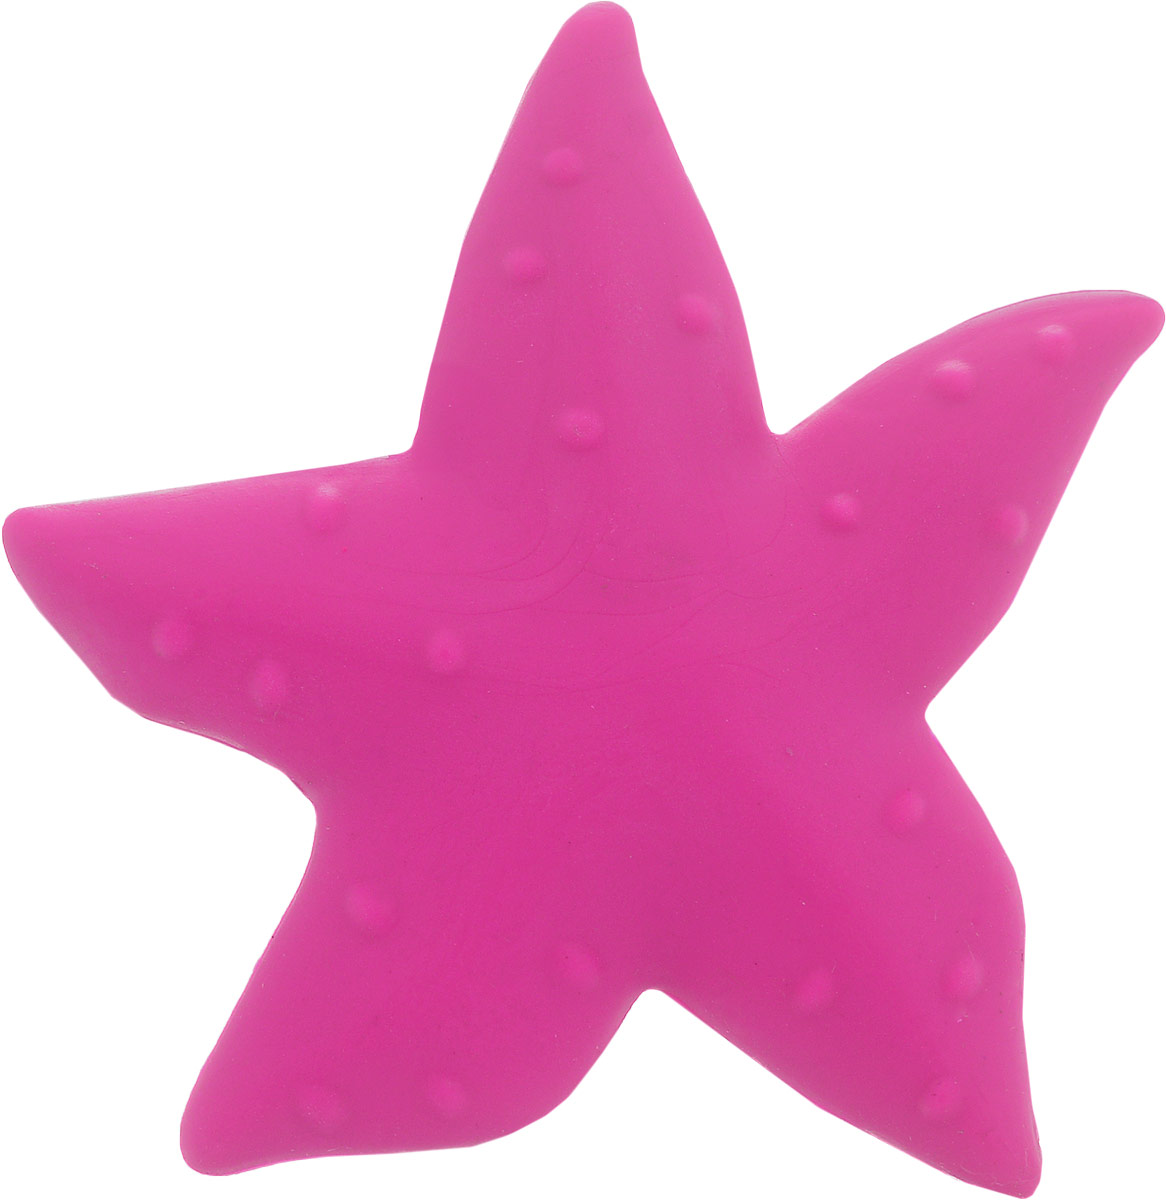 Brunnen Ластик Обитатели моря Звезда цвет розовый540576Ластик Brunnen Обитатели моря: Звезда станет незаменимым аксессуаром на рабочем столе не только школьника или студента, но и офисного работника. Он легко и без следа удаляет надписи, сделанные карандашом.Ластик выполнен из цветного каучука в виде морской звезды. Такой ластик напомнит вам о море и летнем отдыхе.